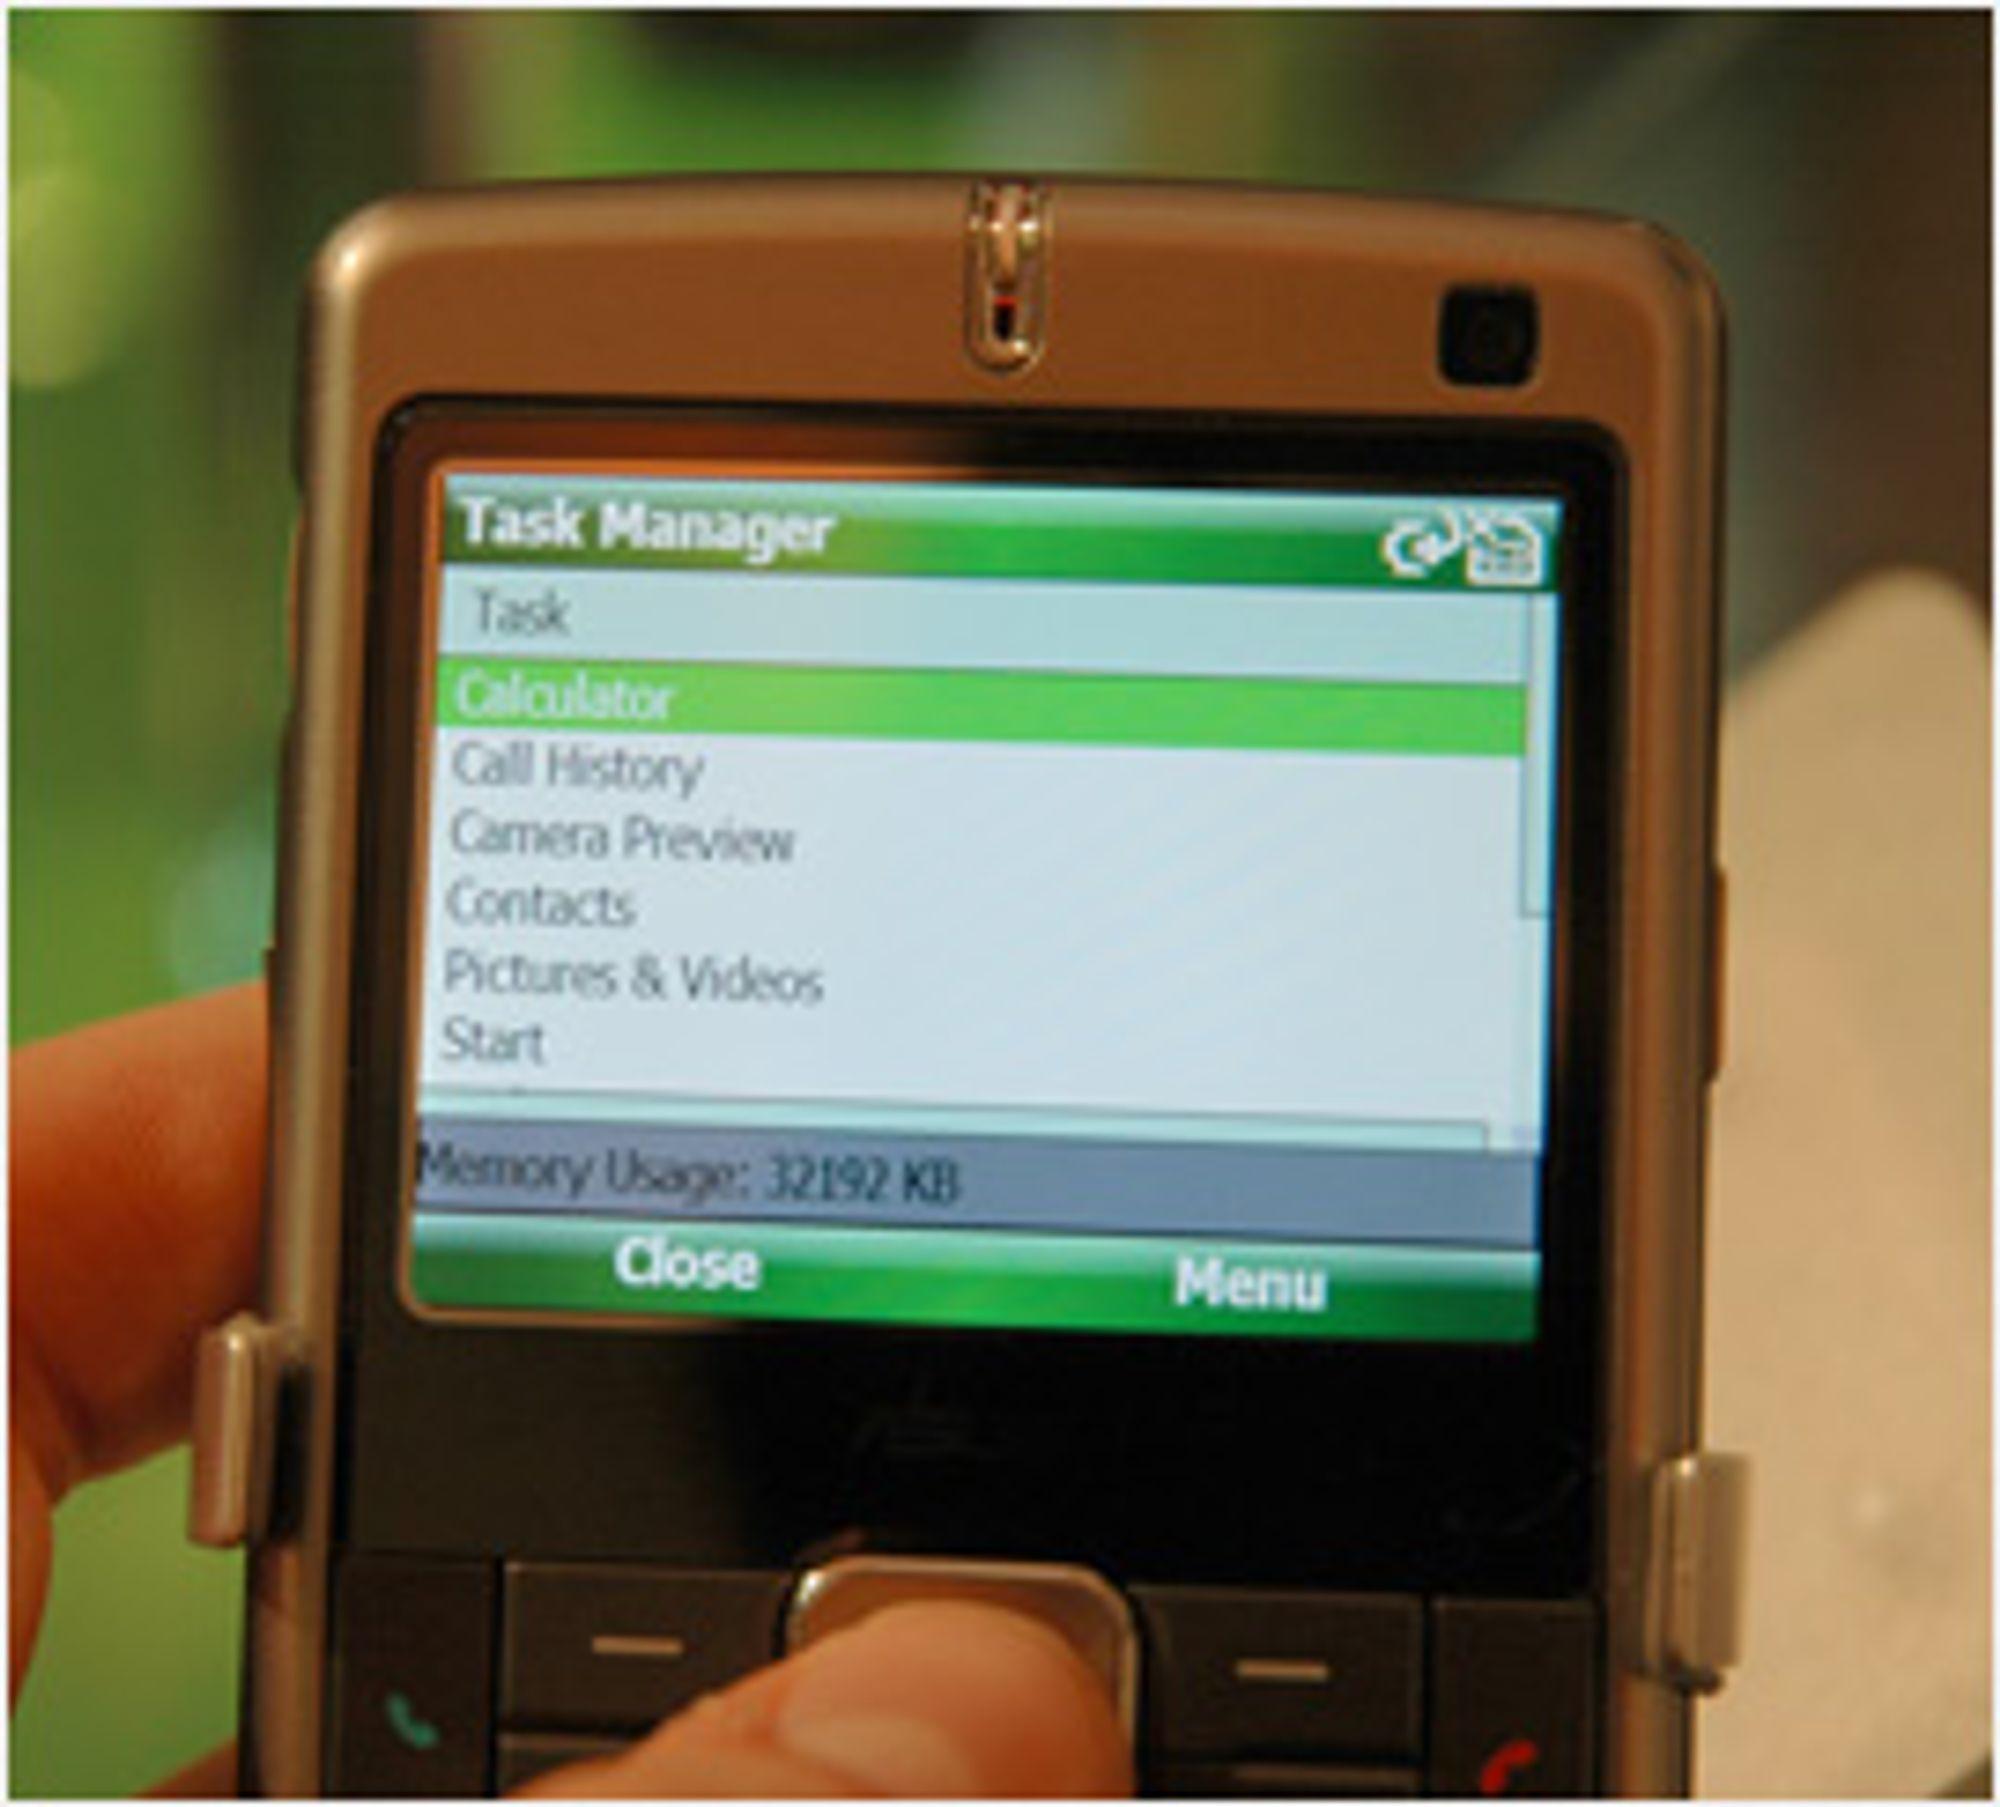 Windows Mobile 6 har litt slitsom oppgavebehandling